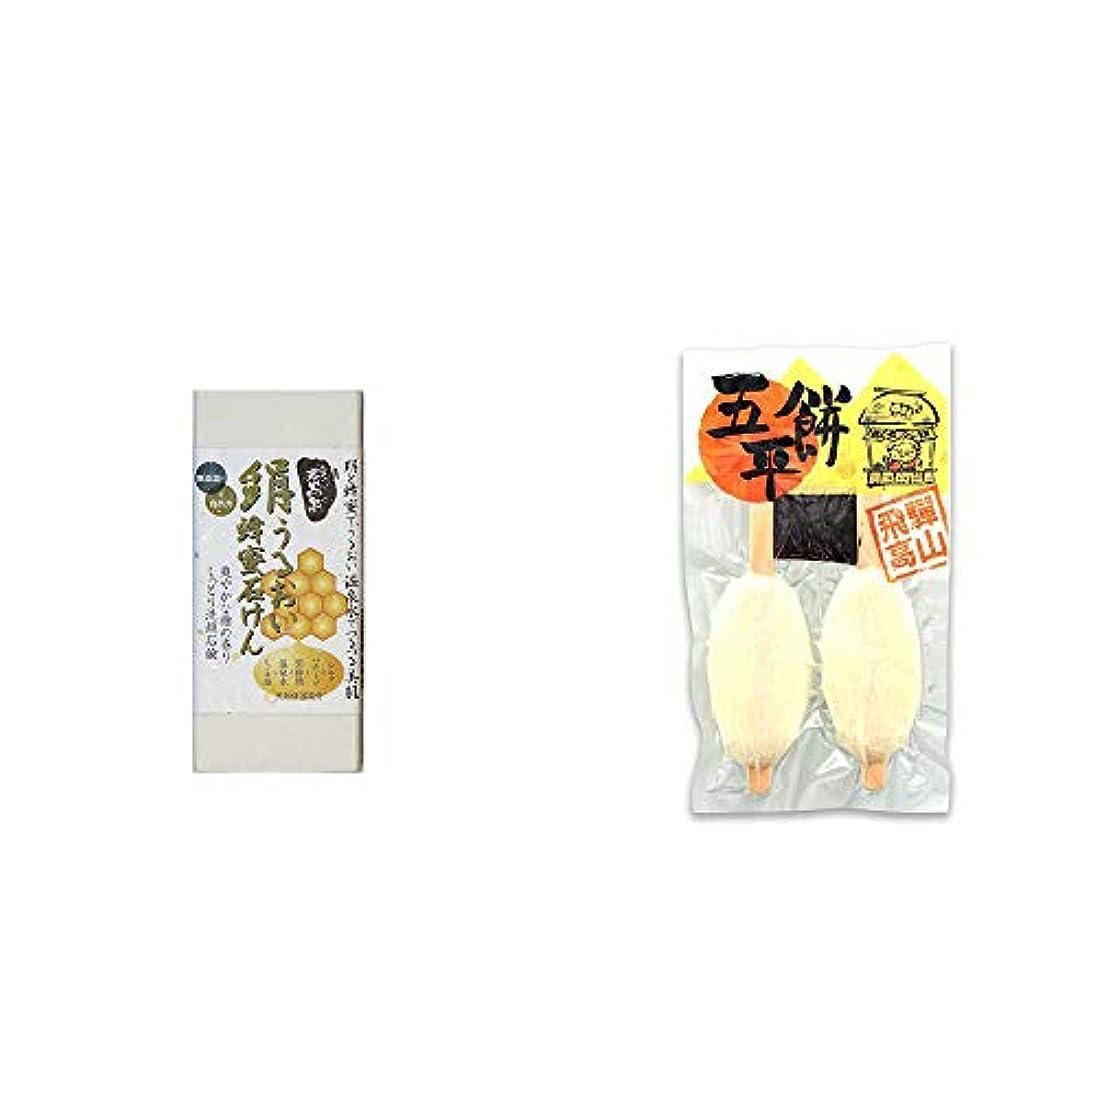 管理します収縮高尚な[2点セット] ひのき炭黒泉 絹うるおい蜂蜜石けん(75g×2)?飛騨高山 木や 五平餅(2本入)